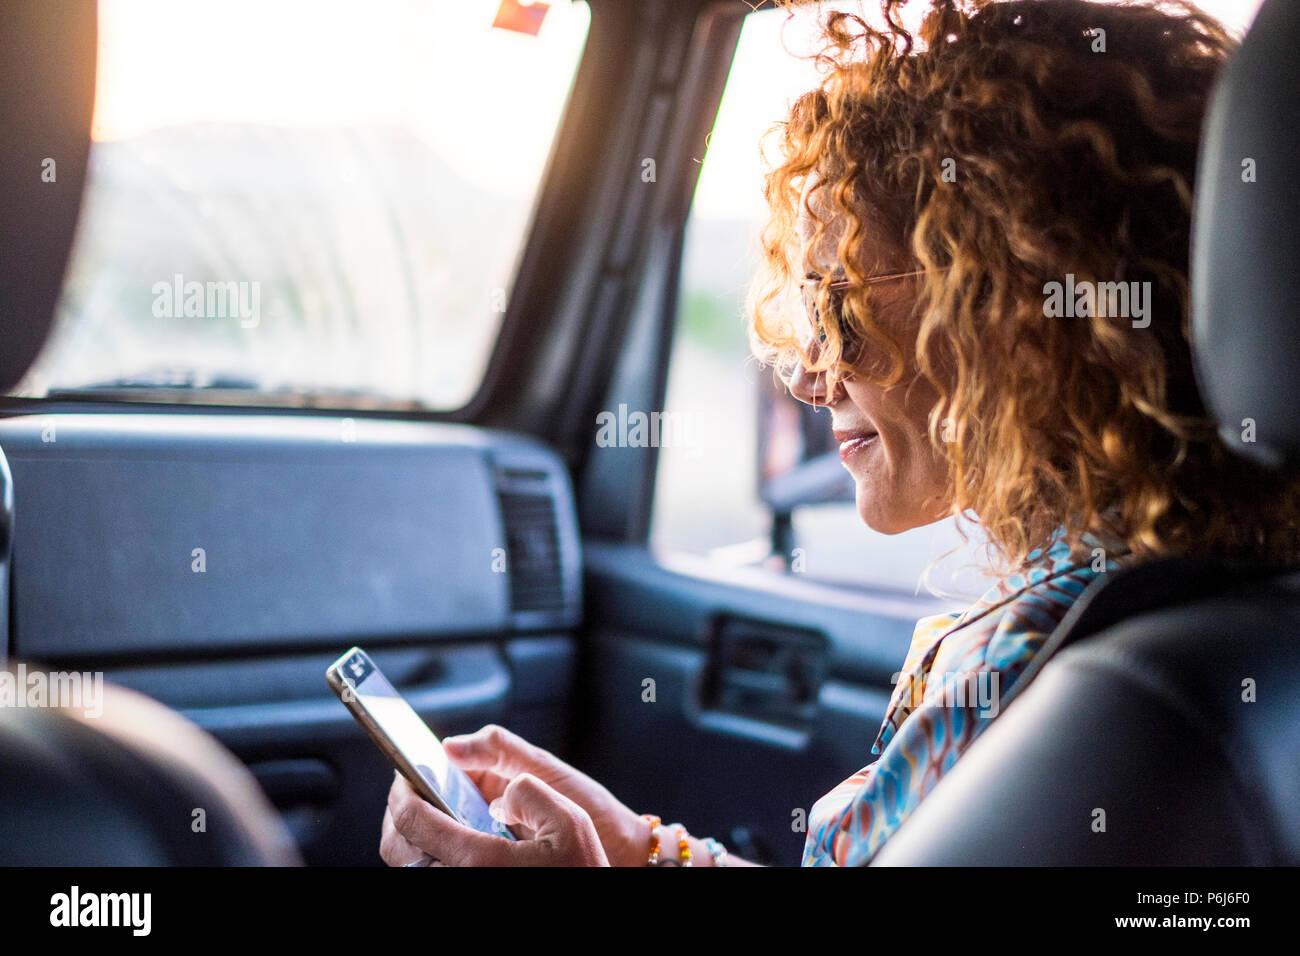 Hermosa dama caucásica edad media watch smartphone para controlar los medios sociales en Internet y encontrar amigos. leer mensajes utilizando la tecnología wifi mientras tra Foto de stock